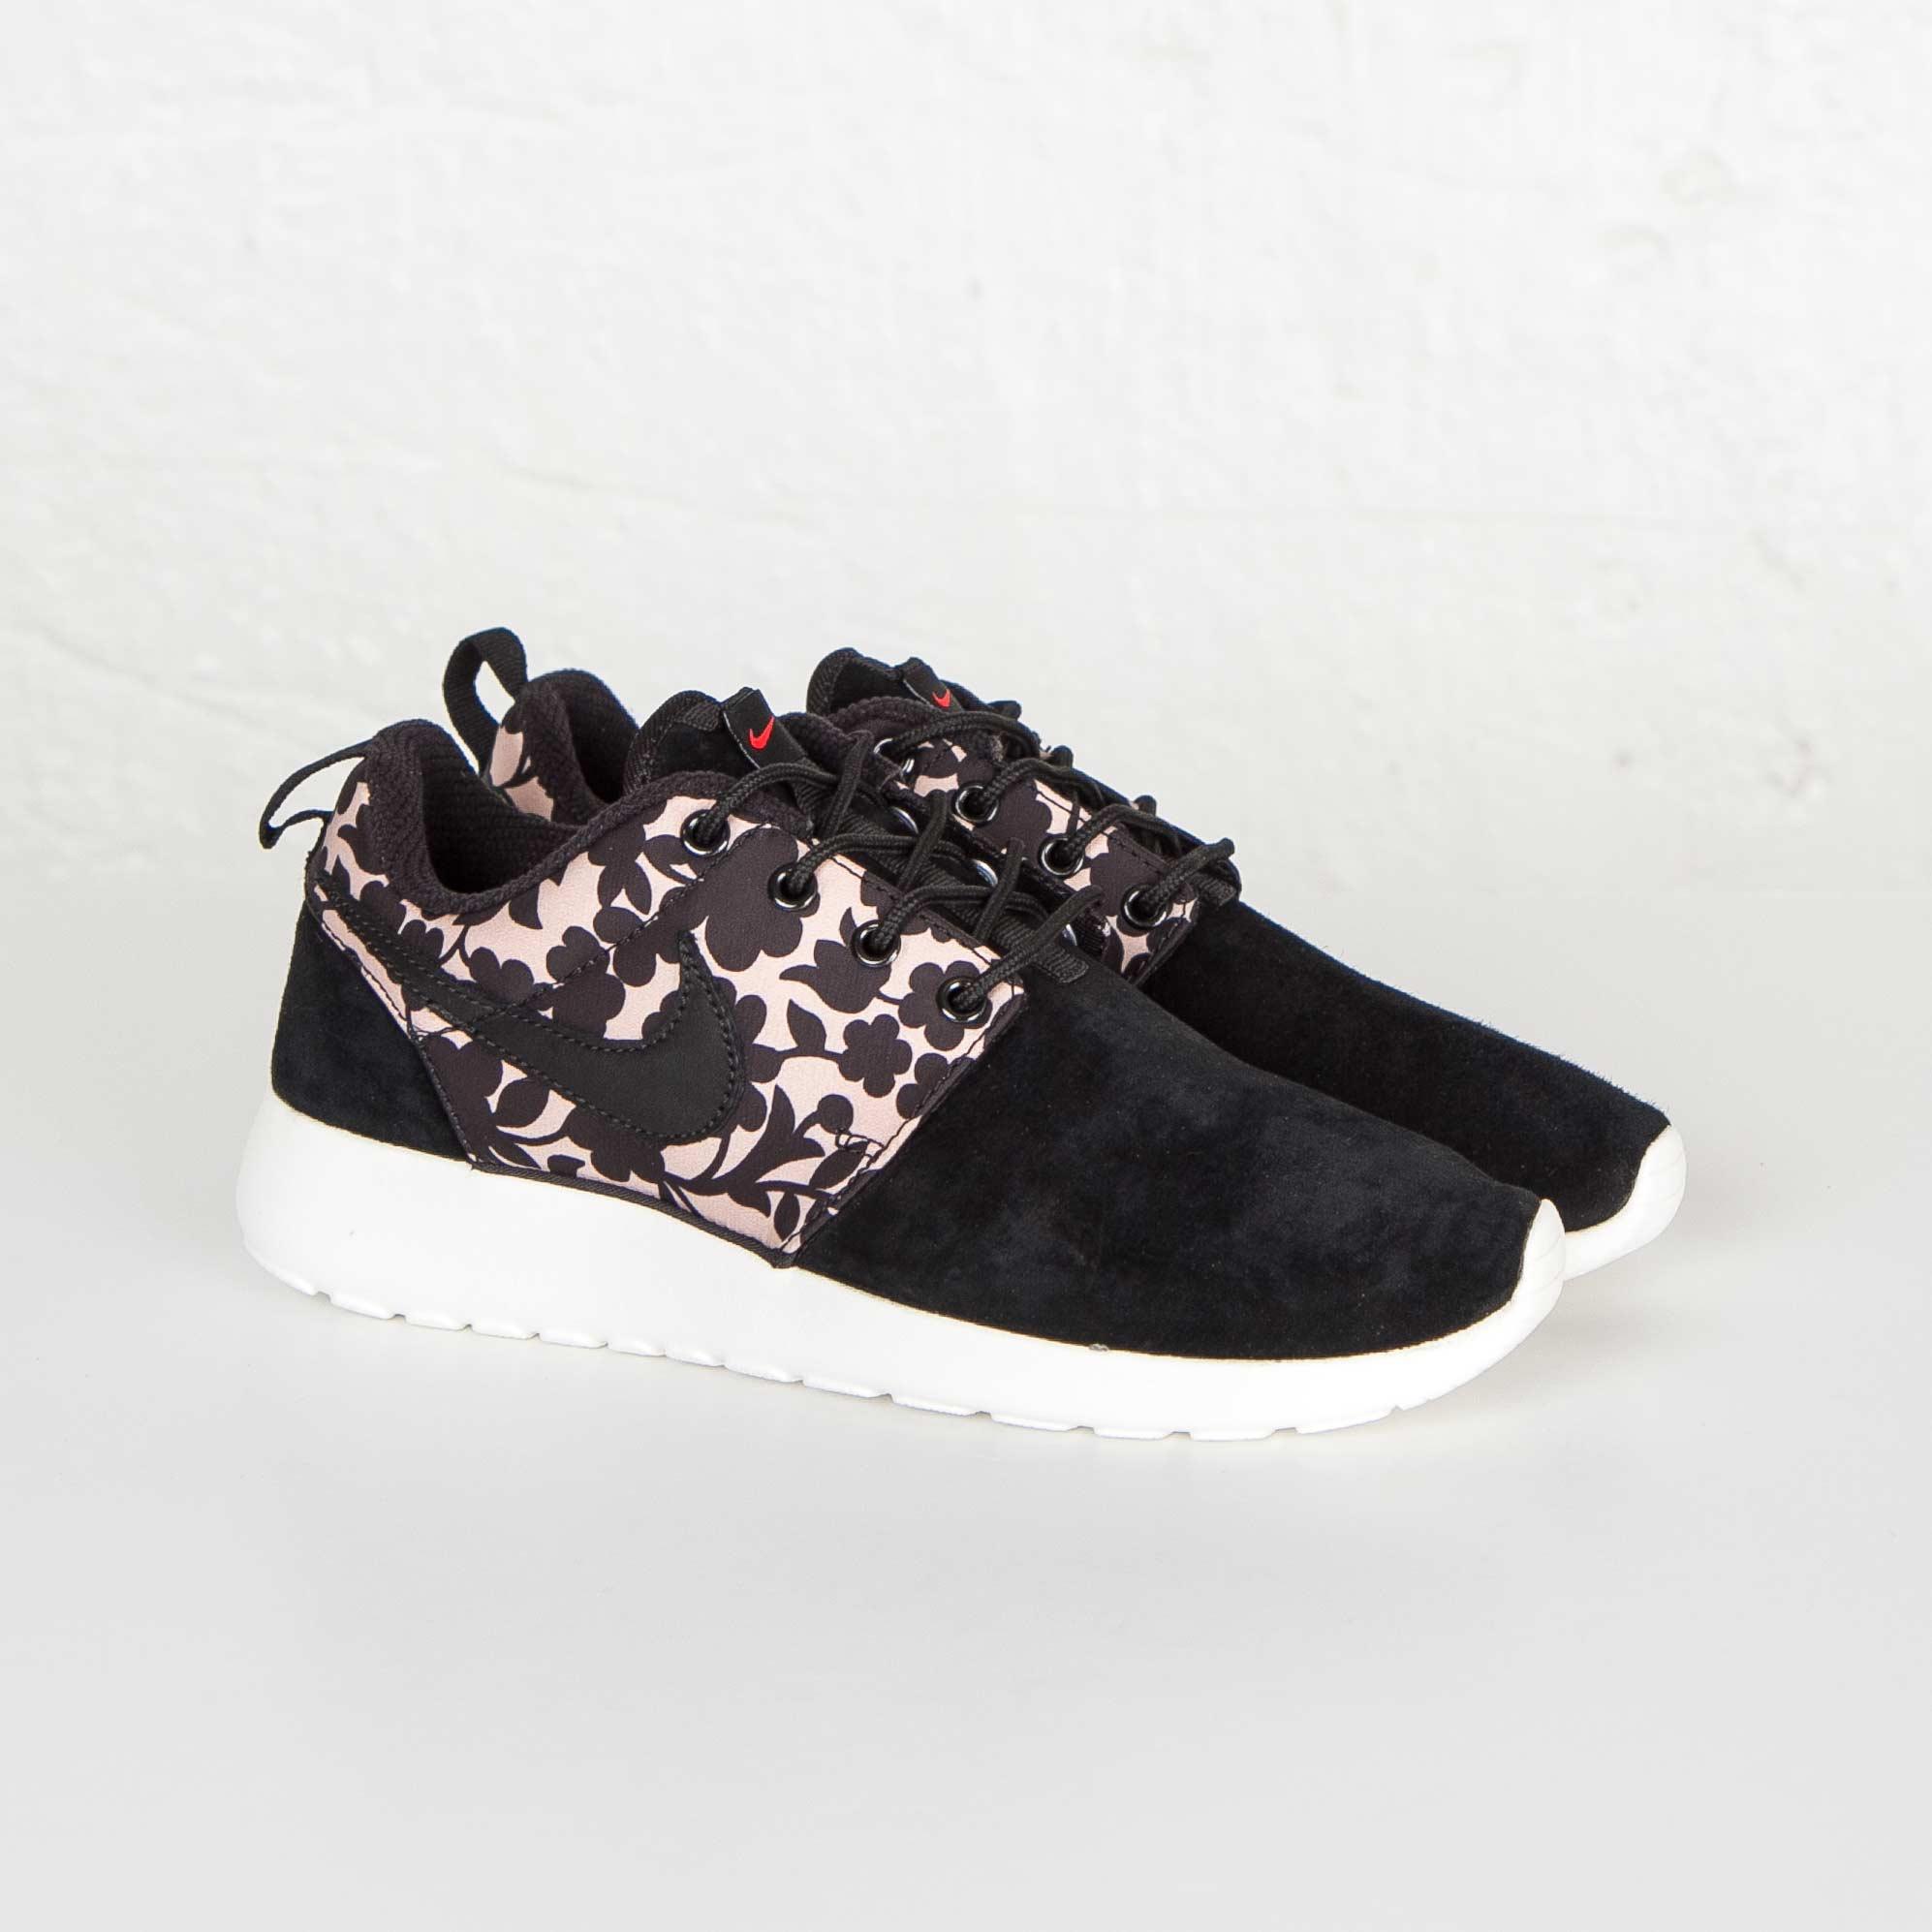 9bf6ab3a87b2 Nike Wmns Roshe One Lib QS - 654165-001 - Sneakersnstuff